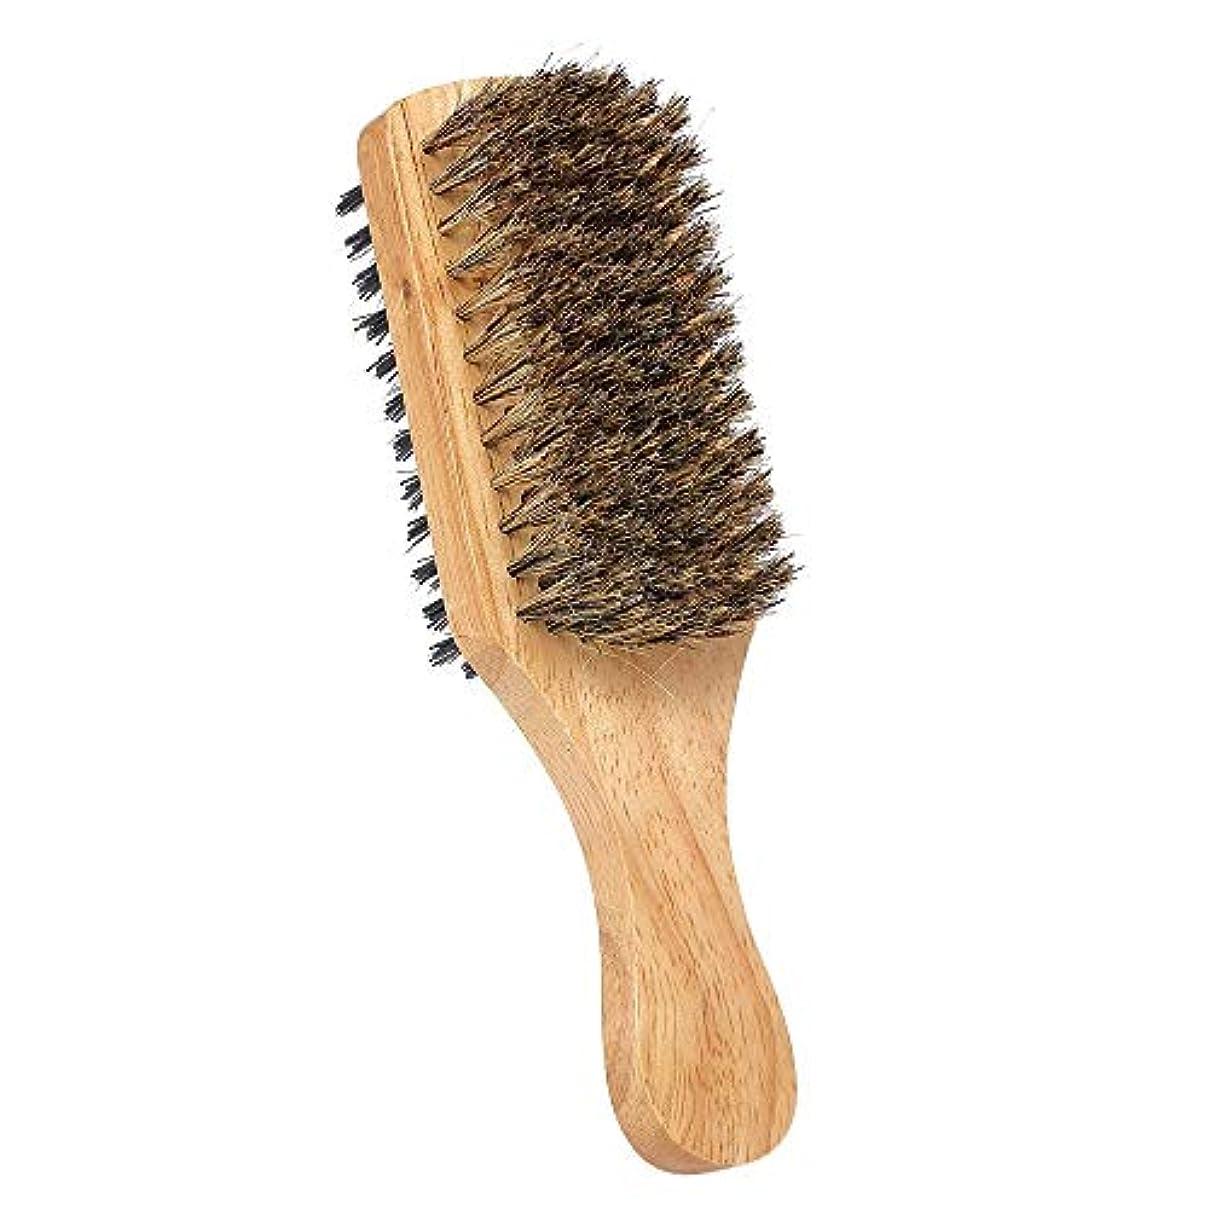 革命他の日ターゲットシェービングブラシ メンズ 理容 洗顔 髭剃り ひげ髭ブラシ ひげケア ひげ剃り シェービングブラシ デュアルサイド (Color : #2)